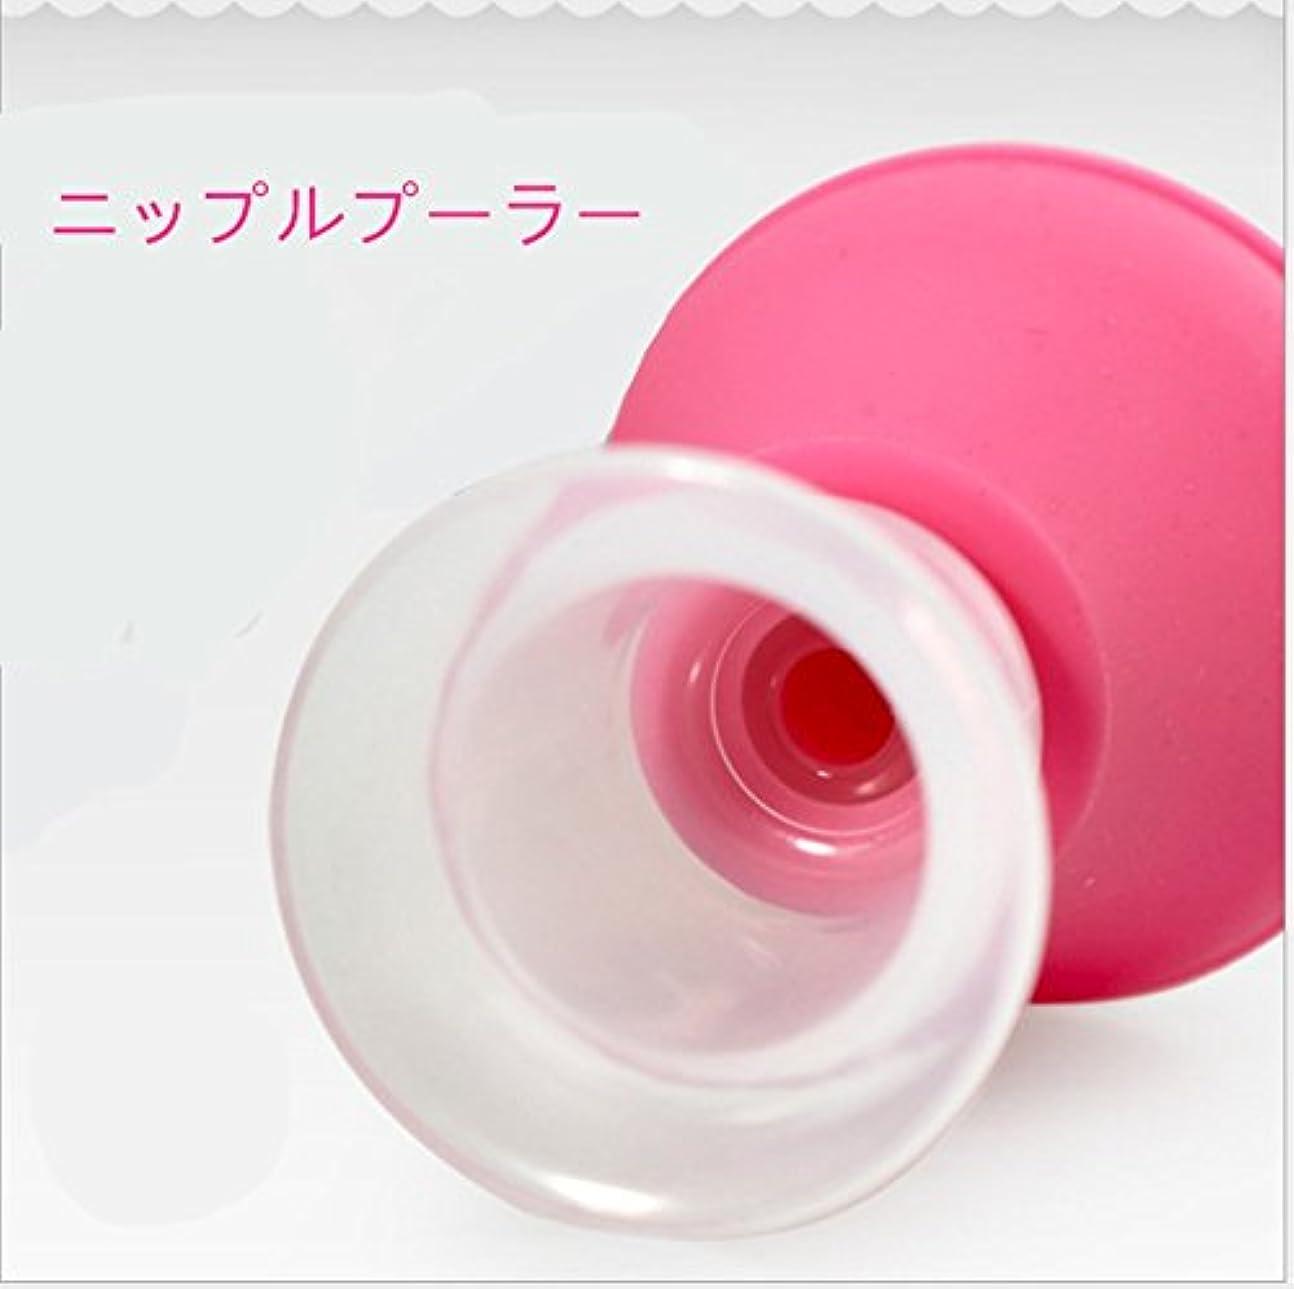 マントル濃度オールピジョン 乳頭吸引器 ケース付扁平乳首に乳頭吸引器 母乳育児ケア ランダム色